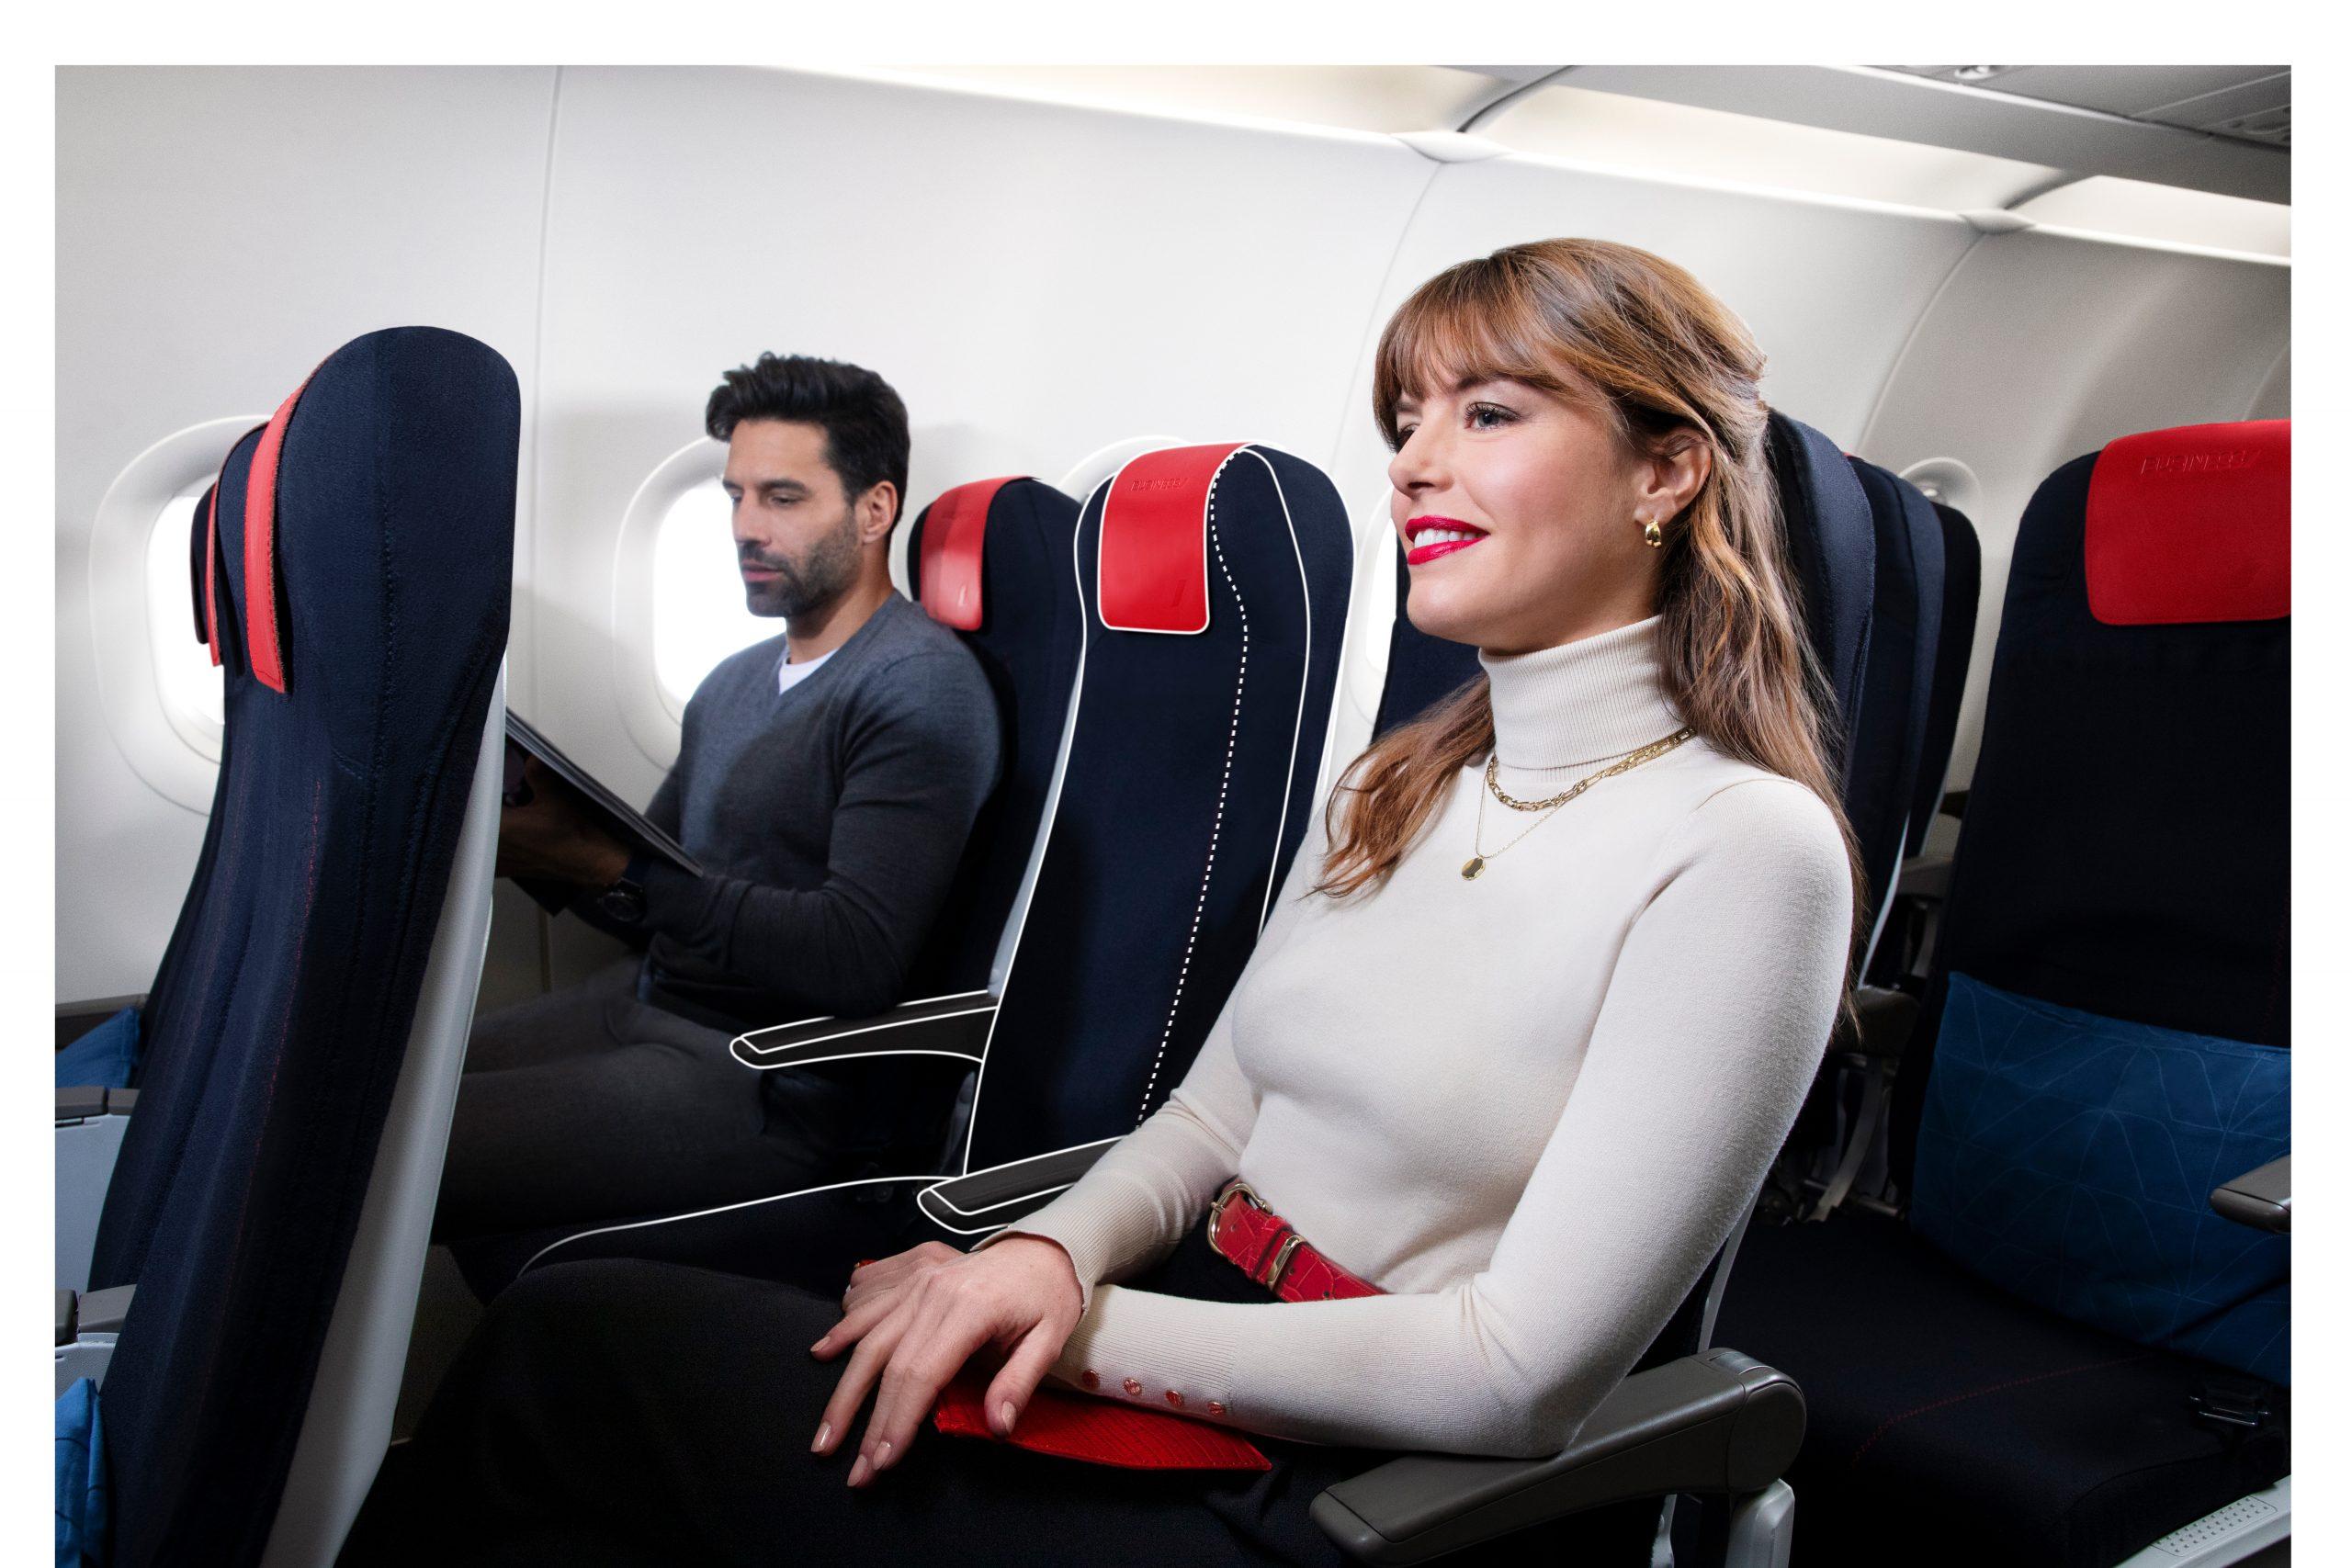 Air France har introduceret Business Class på selskabets indenrigsflyvninger. Foto: Air France